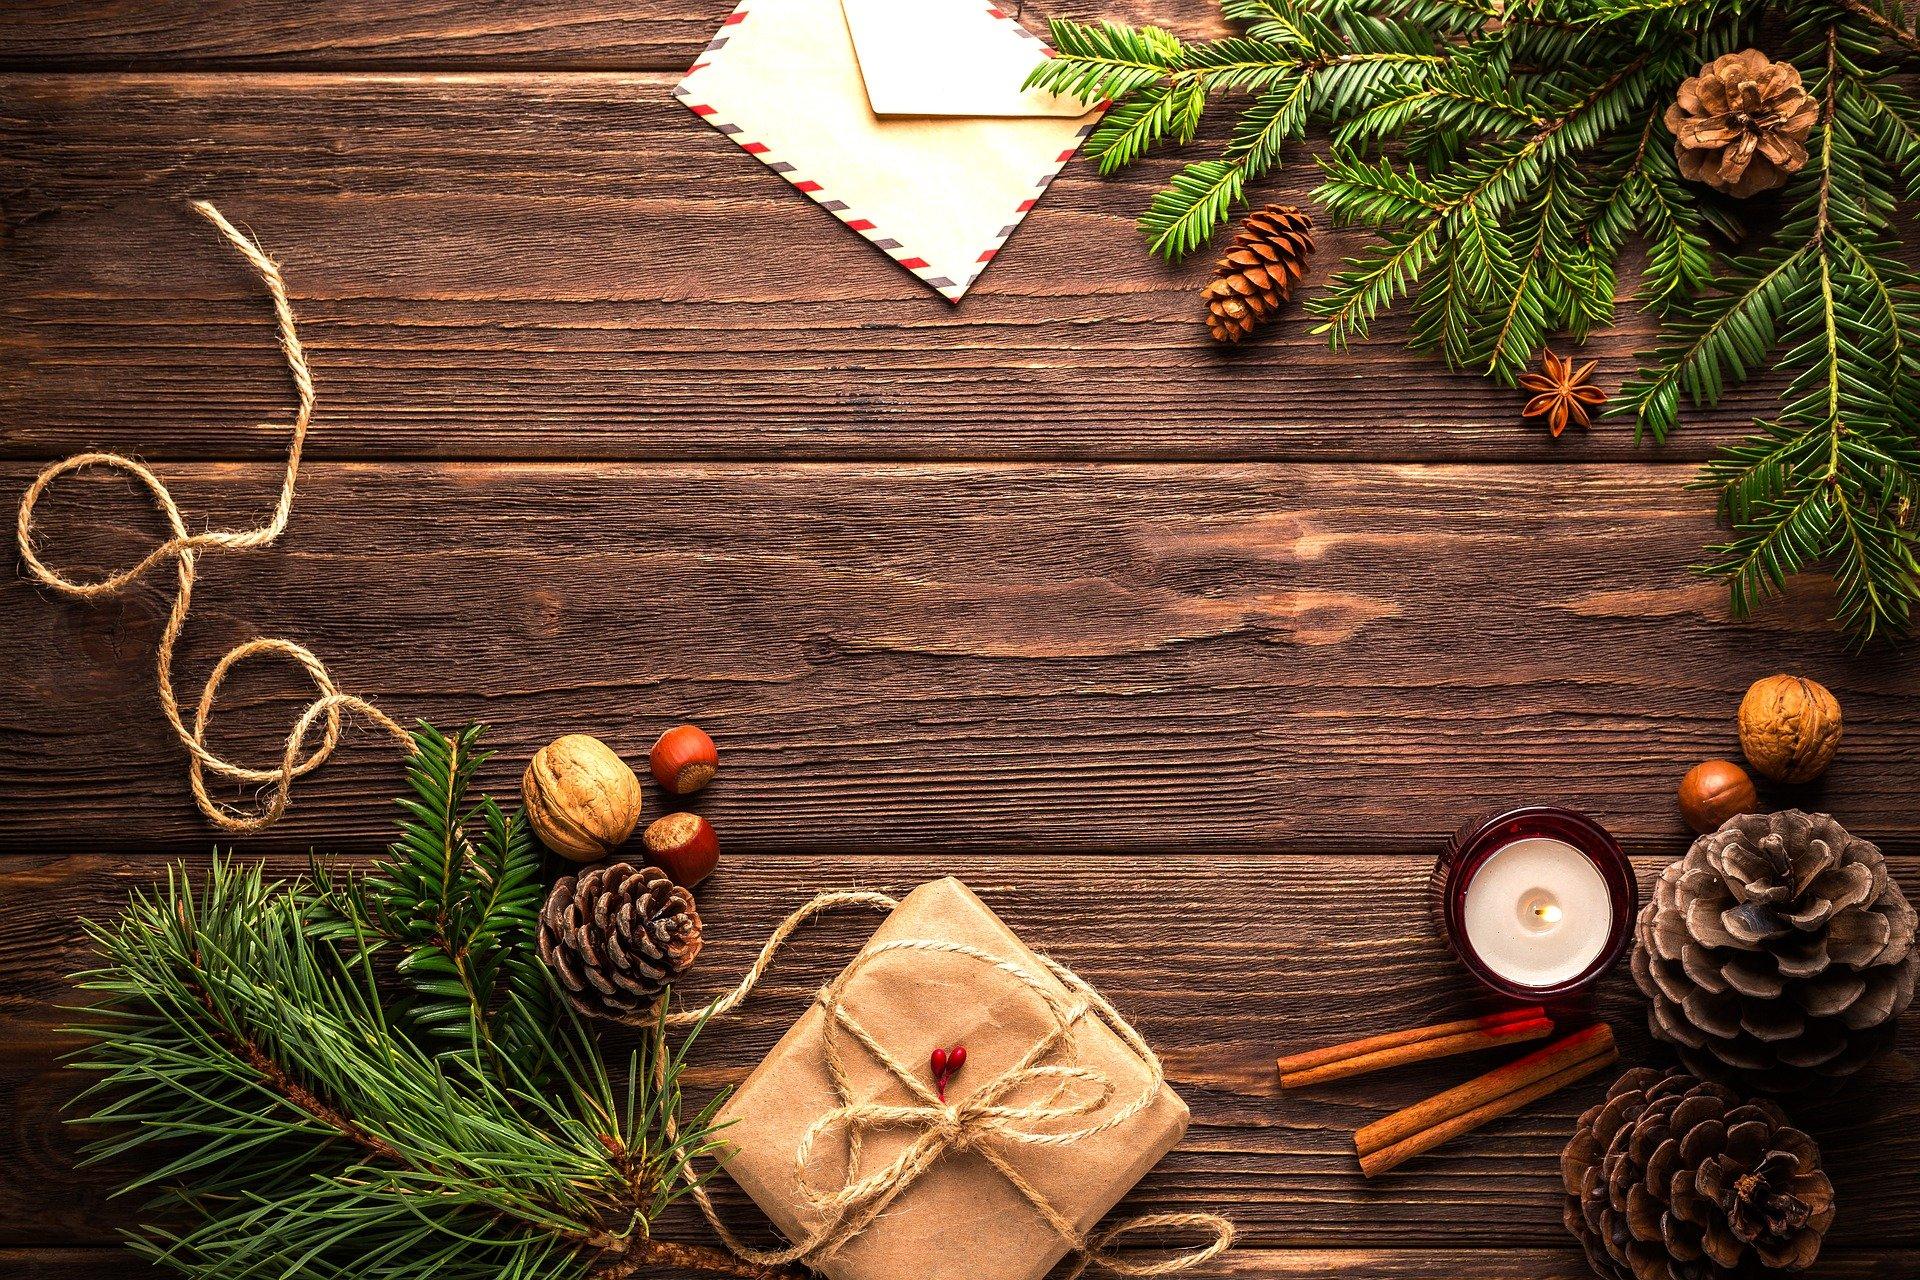 Carta Nadal Alqueza